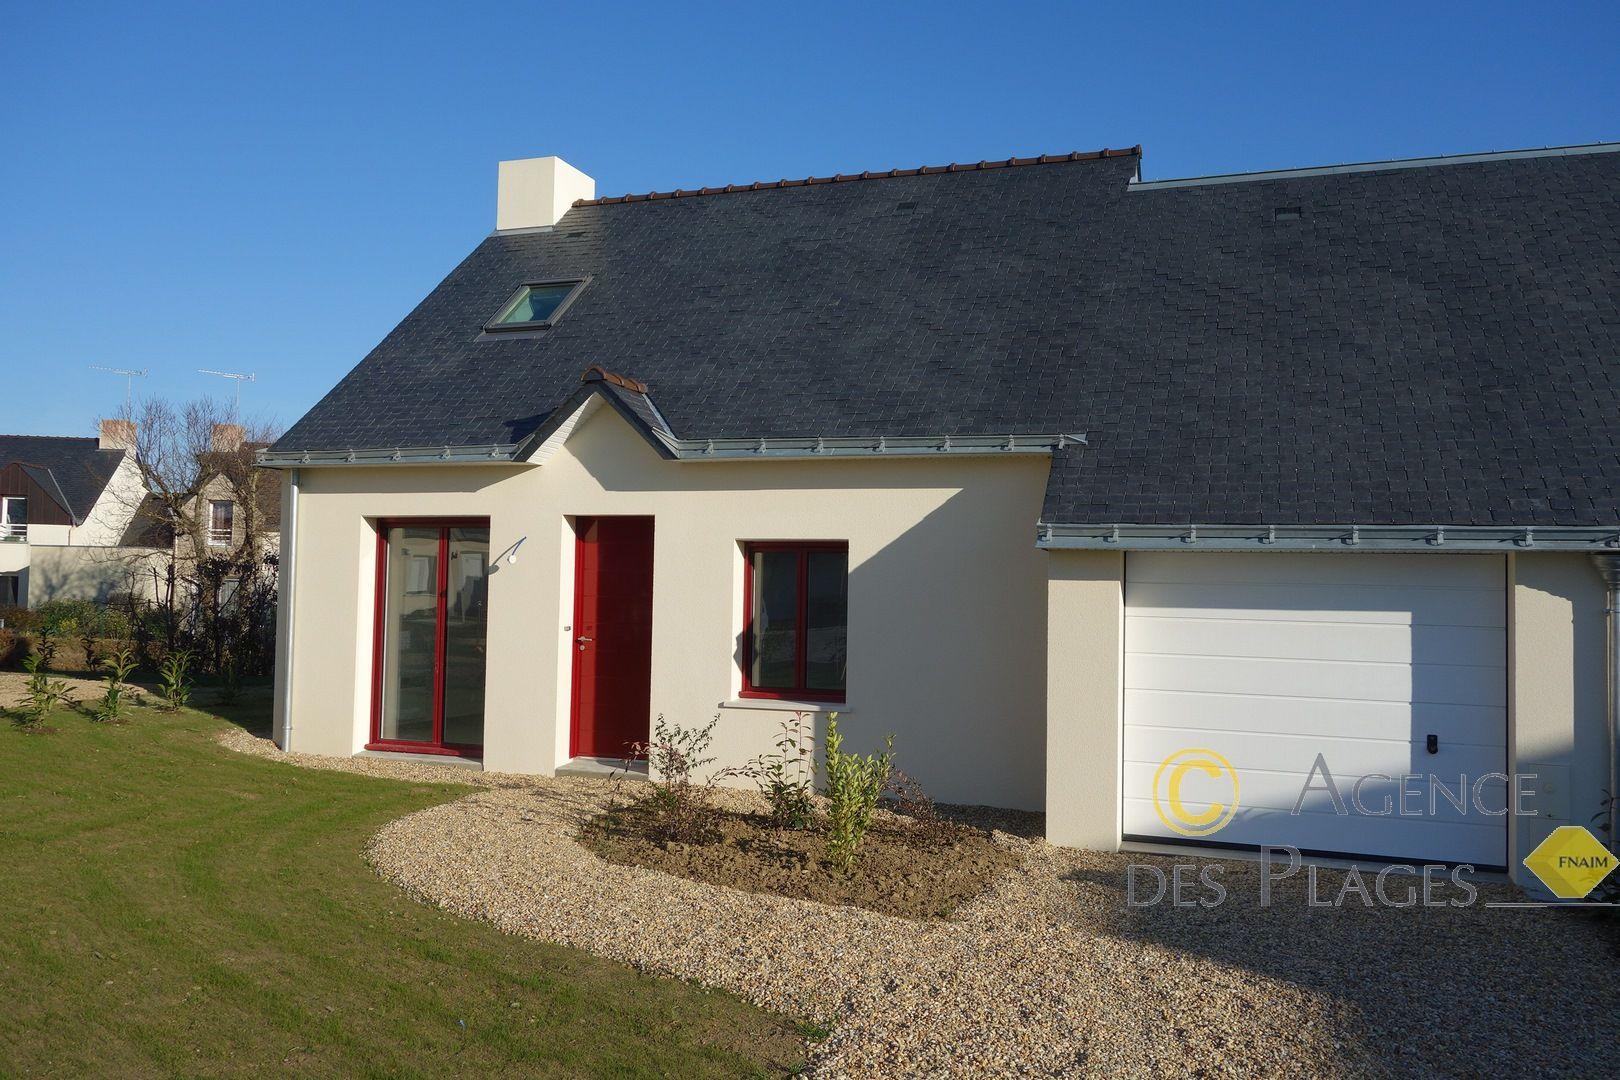 Diagnostic obligatoire vente maison neuve for Maison neuve vente